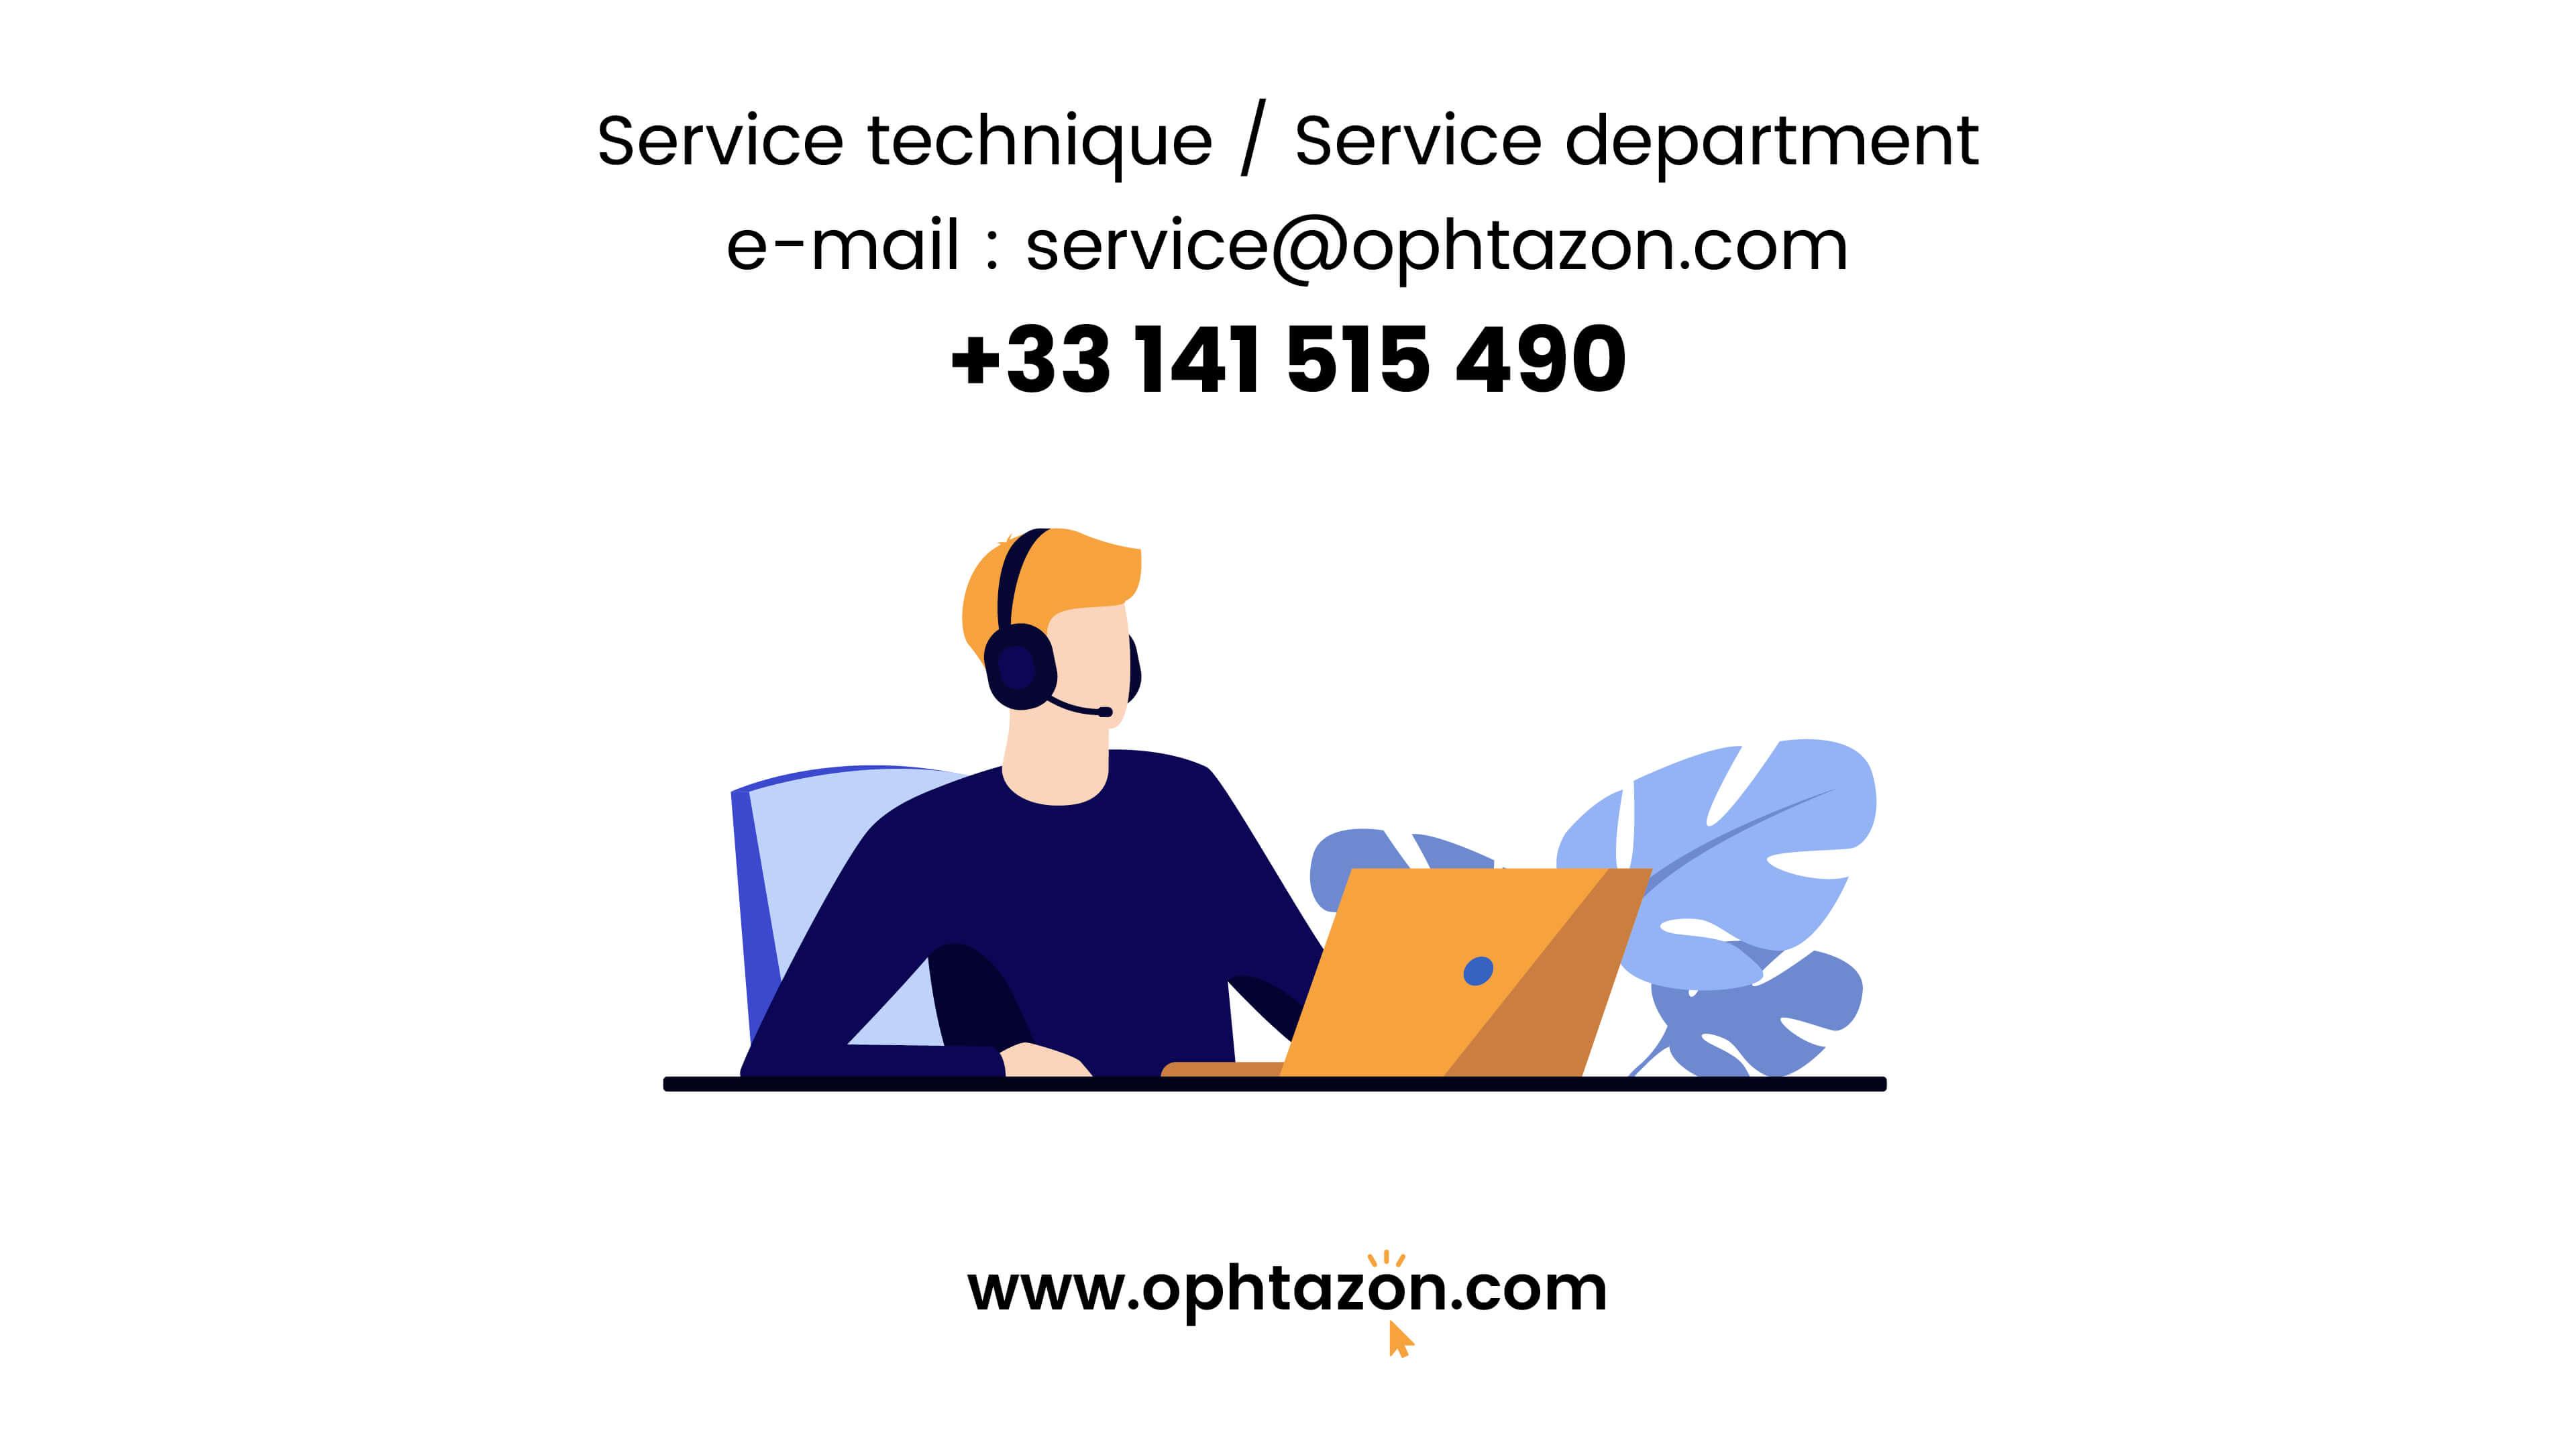 Votre service technique